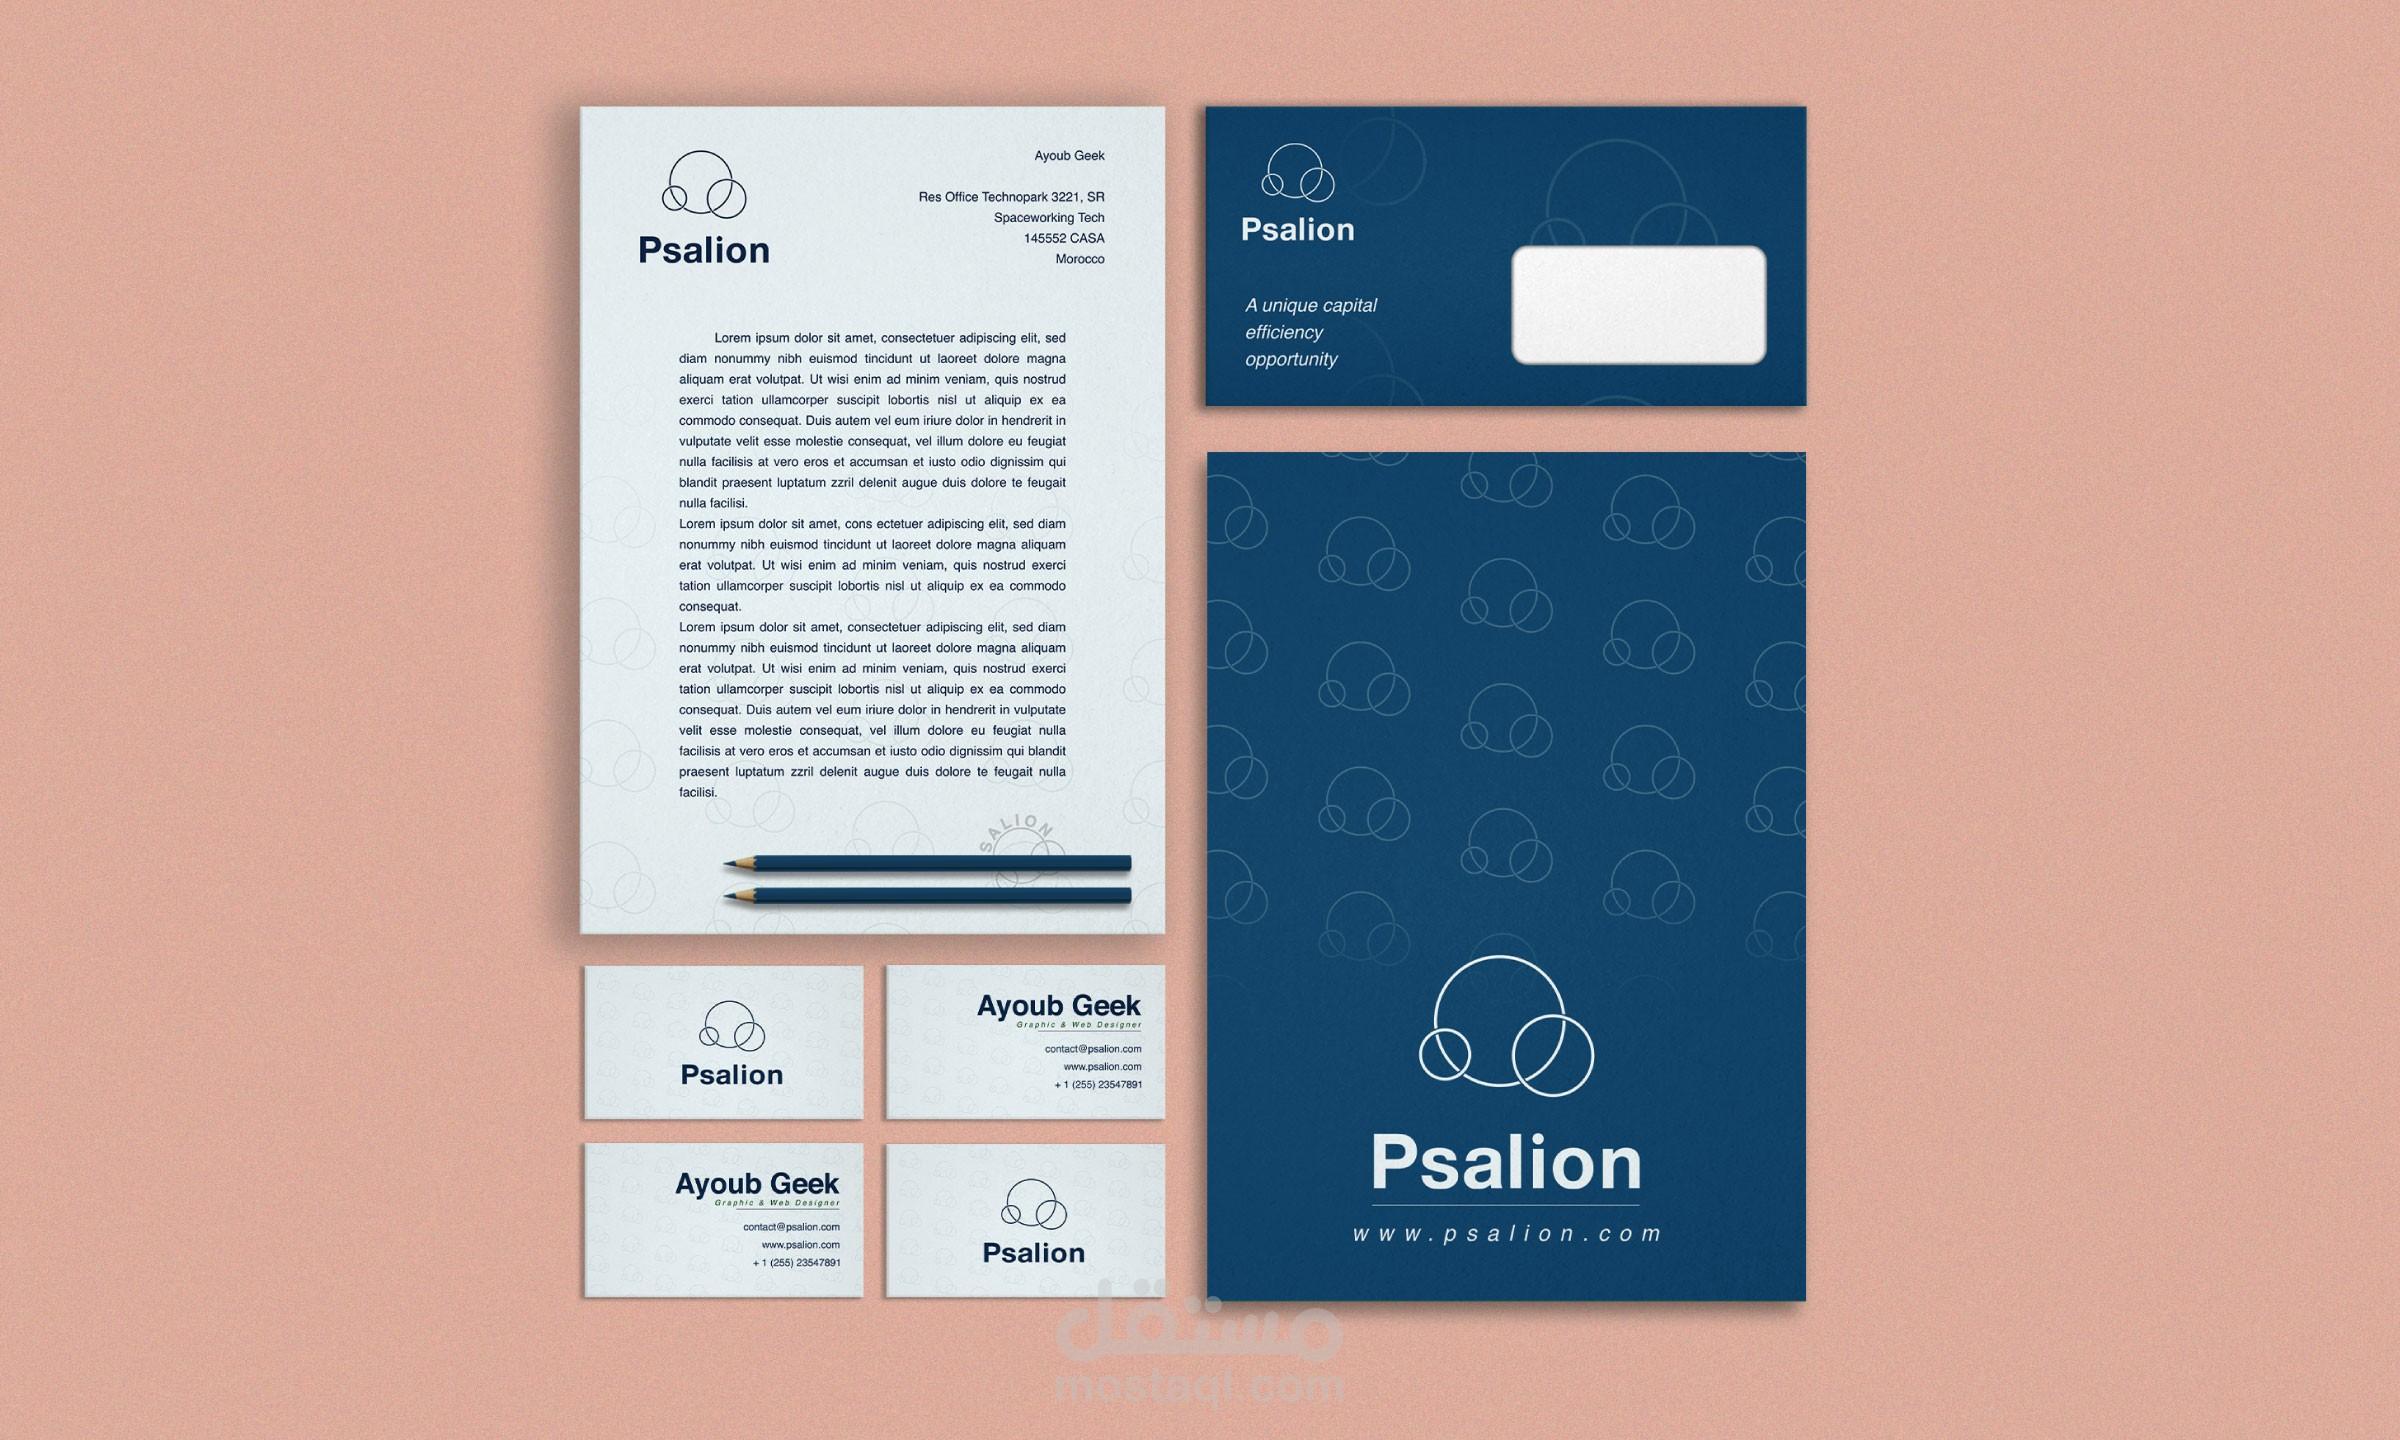 تصميم هوية بصرية لعلامة تجارية